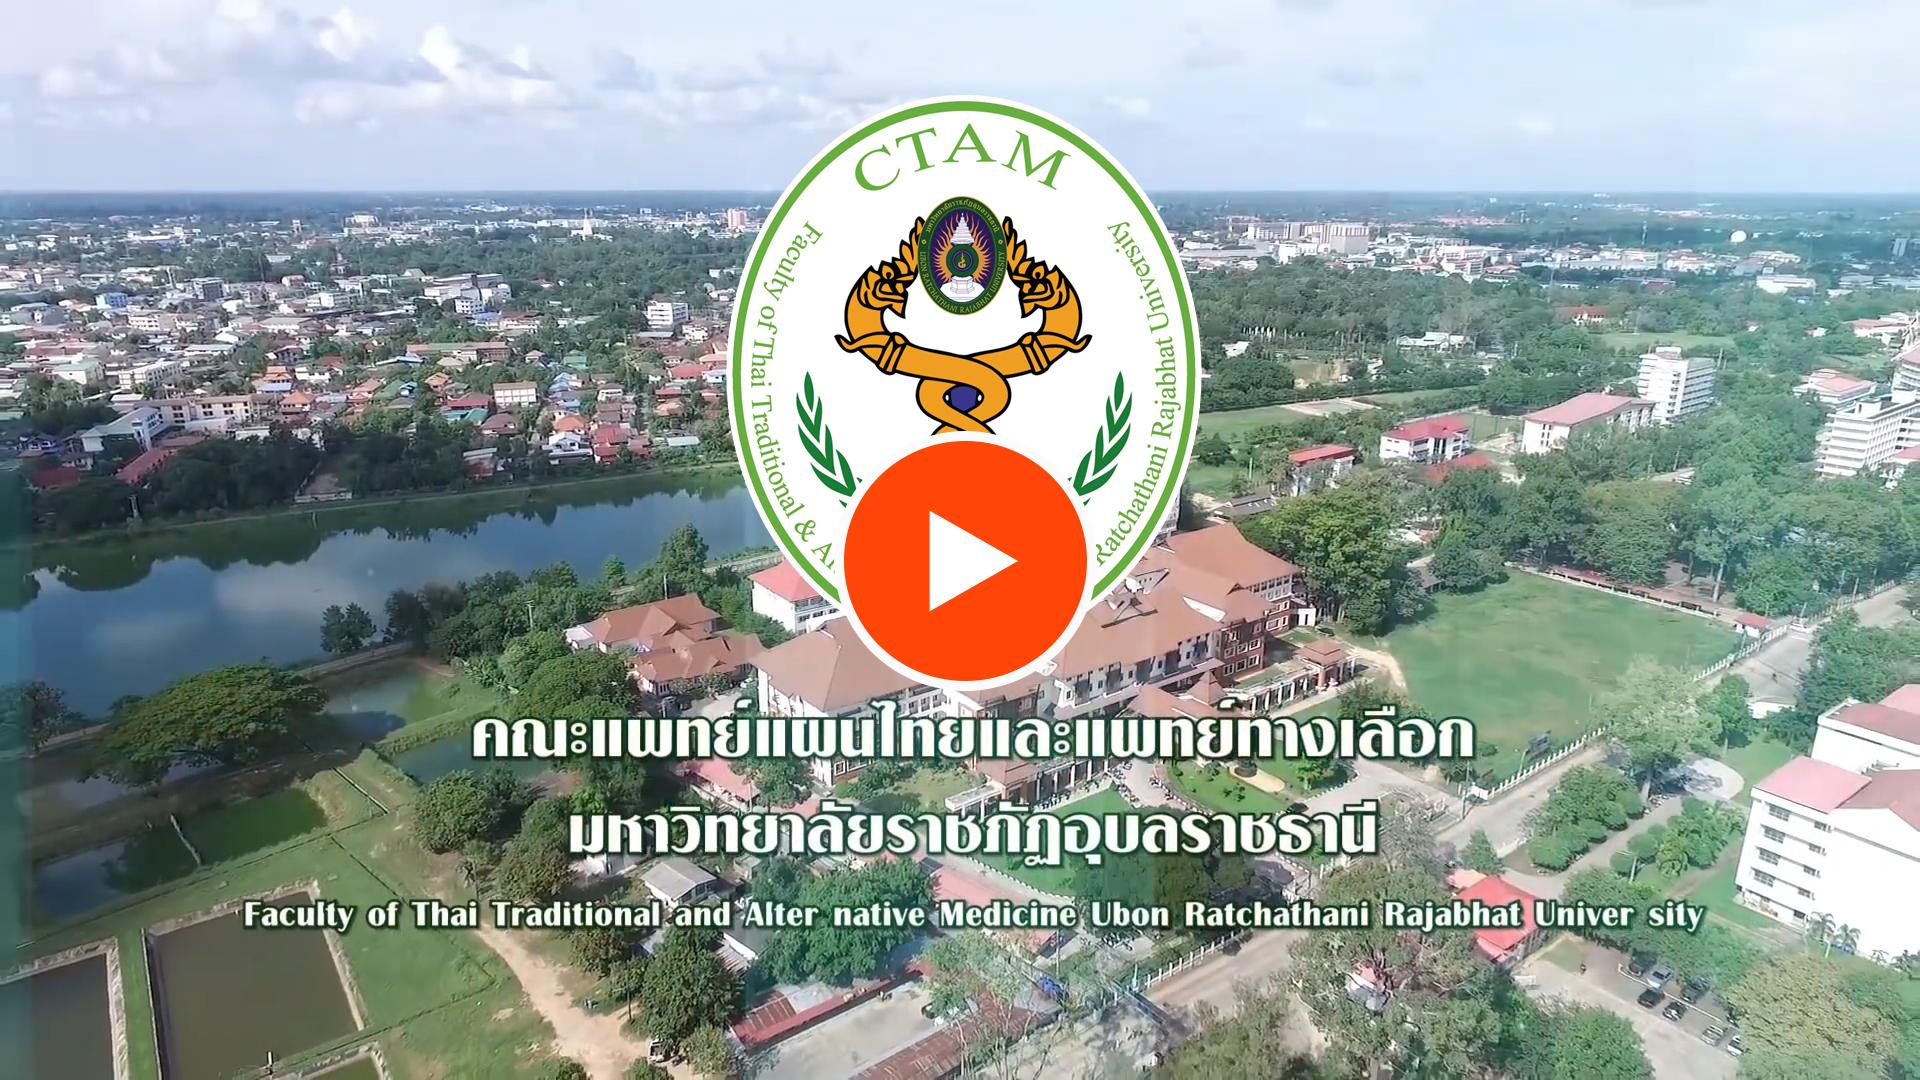 วีดิทัศน์แนะนำคณะแพทย์แผนไทยและแพทย์ทางเลือก